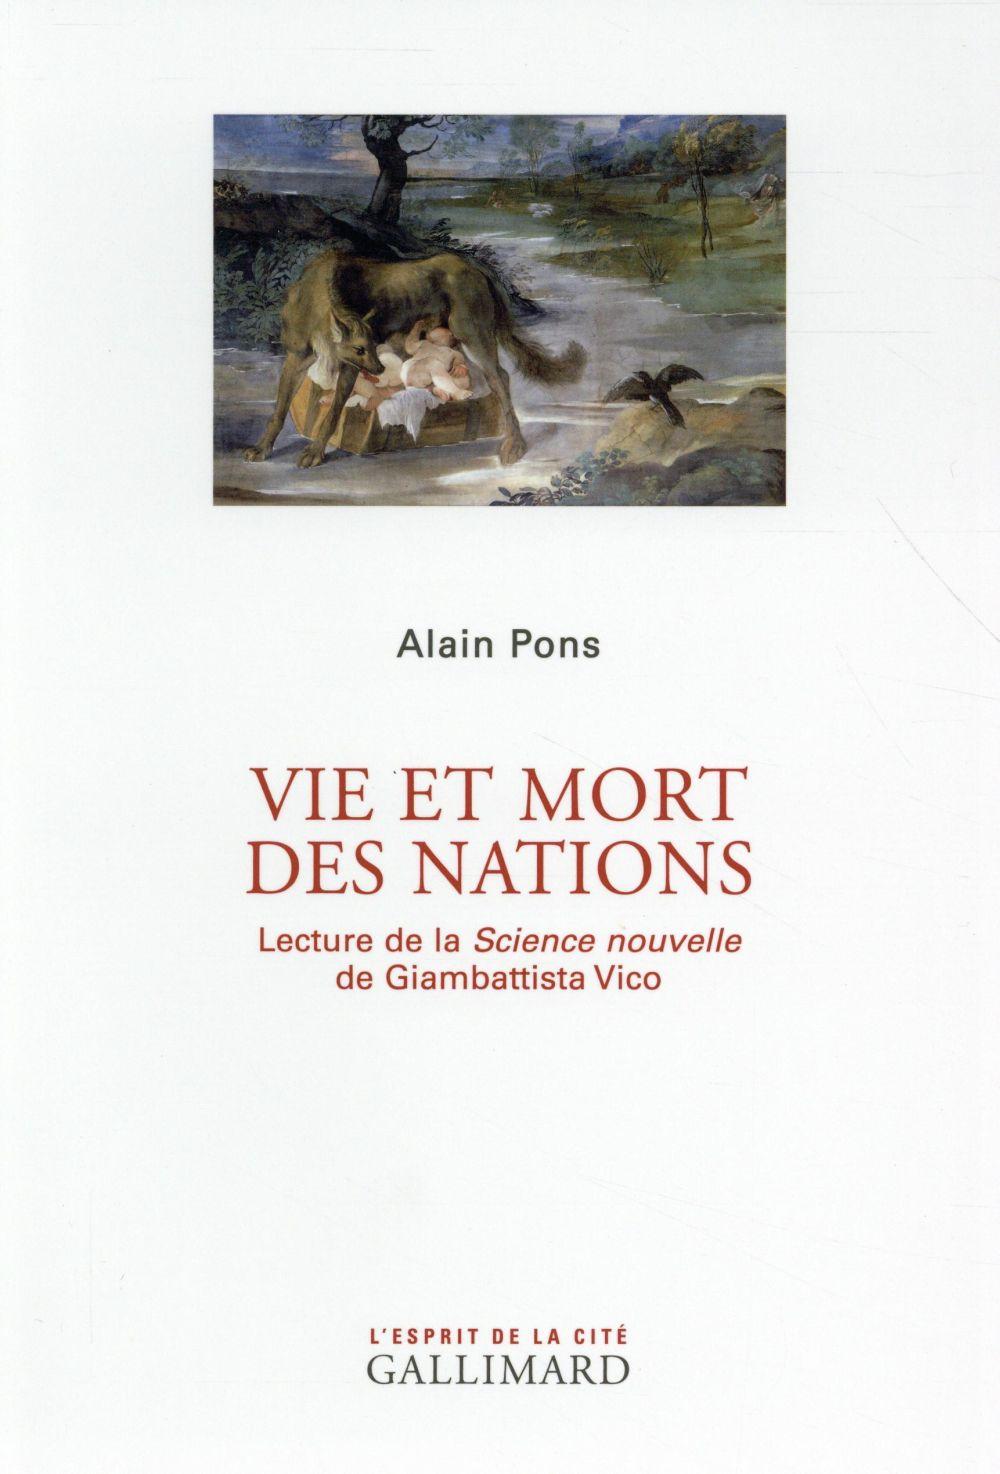 Vie et mort des nations ; lecture de la science nouvelle de Giambattista Vico